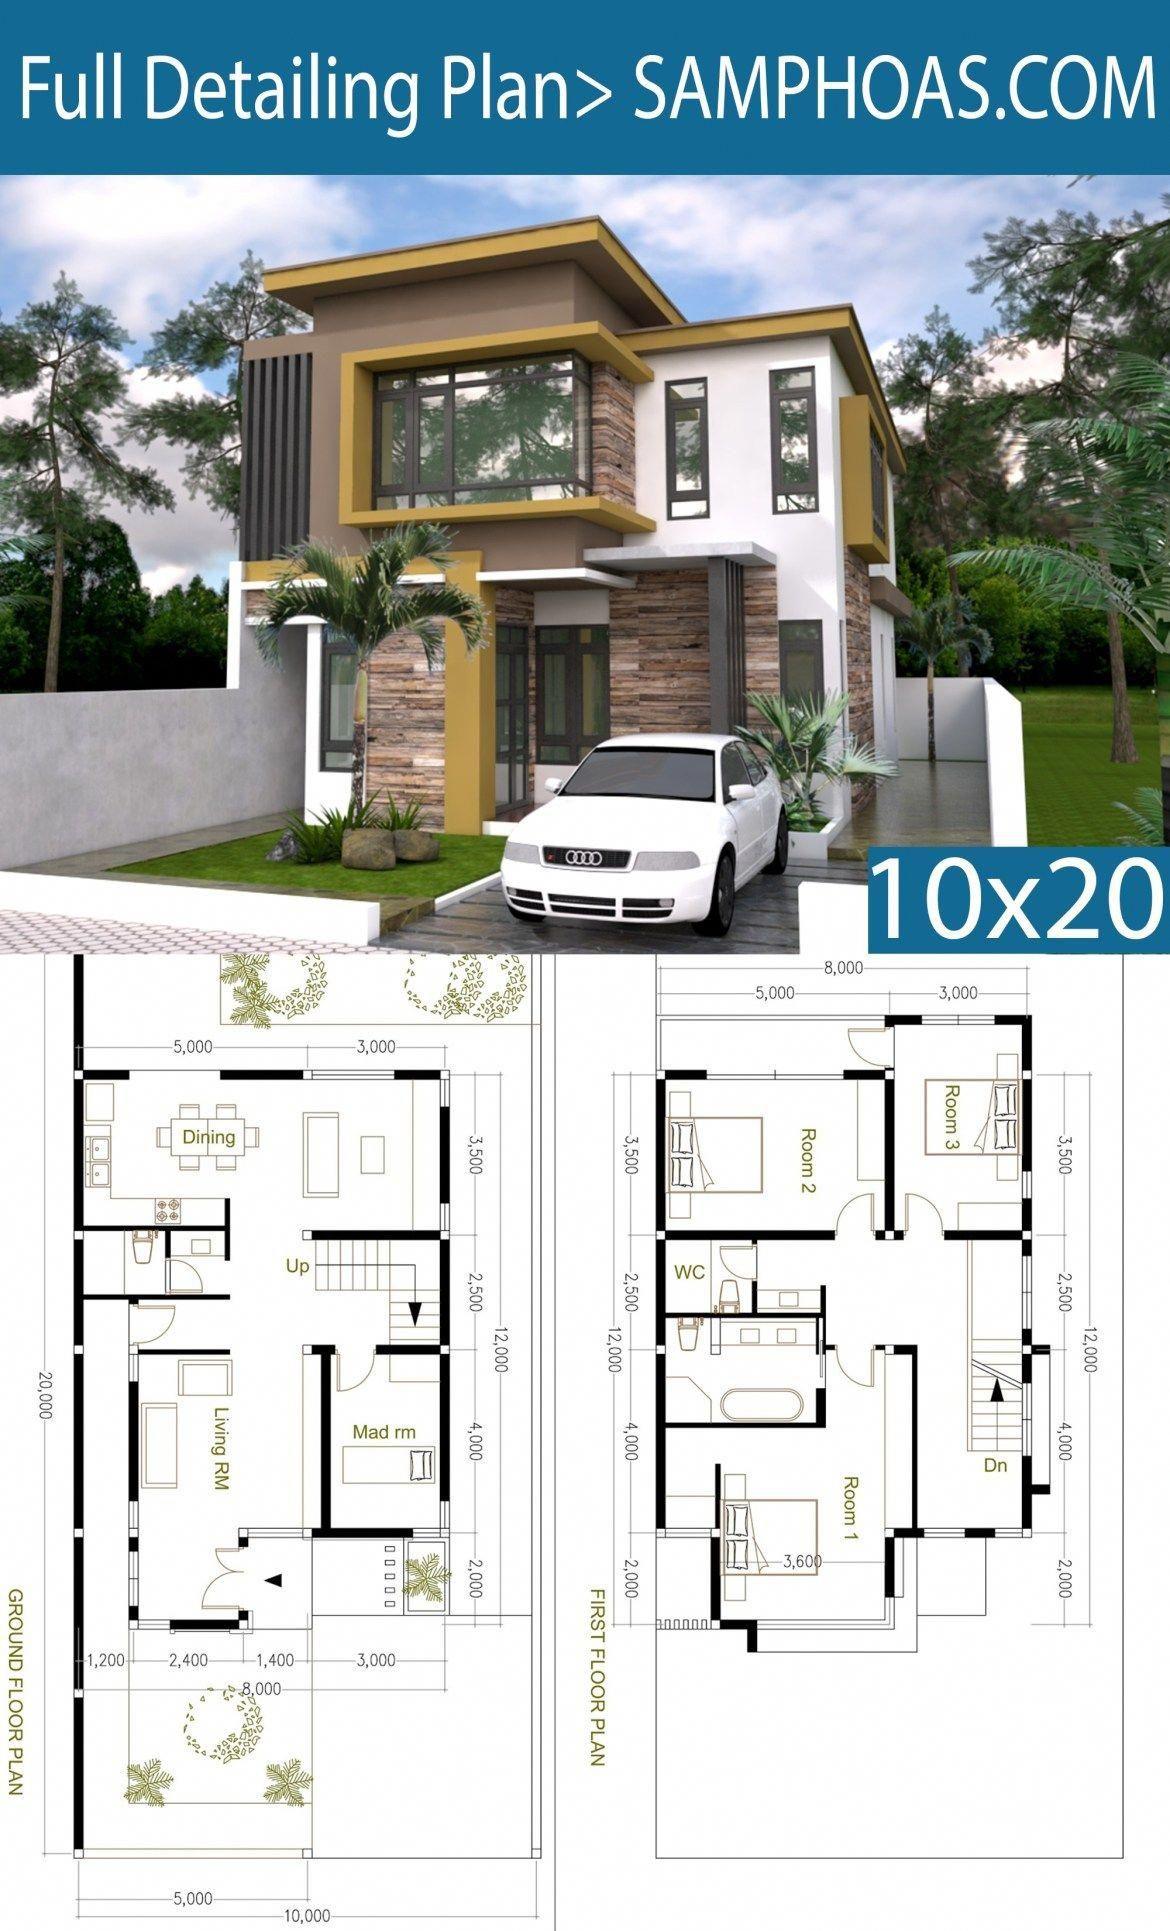 Plan De Casa Moderno De 4 Habitaciones Tamano 8x12m Samphoas Plansearch Luxuryhomeinterior Model House Plan Modern House Plans Duplex House Plans